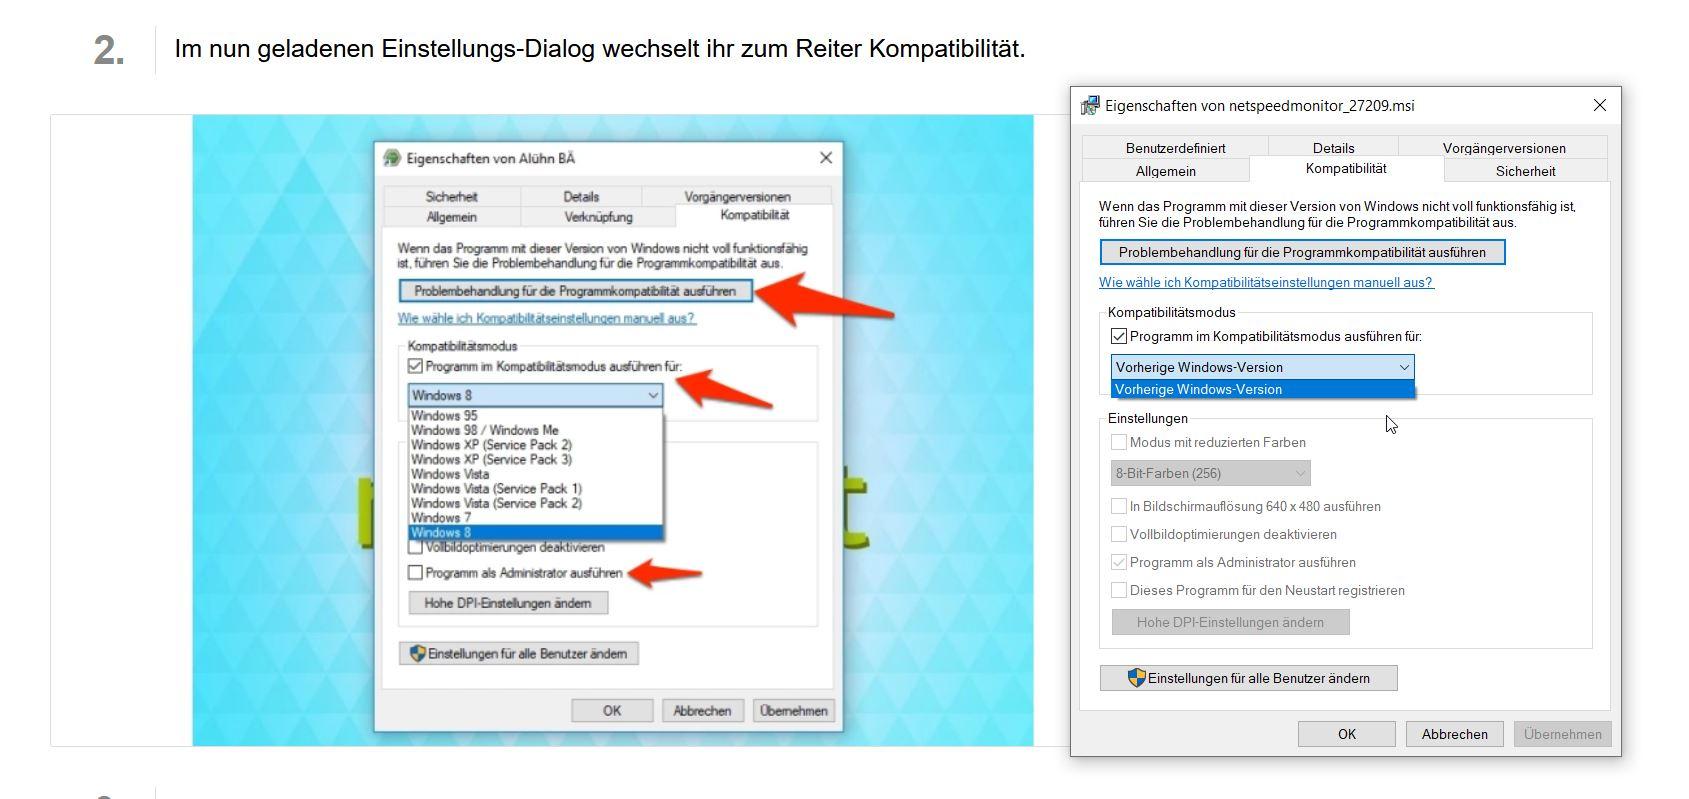 2021-05-08 14_16_57-Windows 10_ So könnt ihr auch ältere Programme und Spiele starten _ NETZWELT.jpg